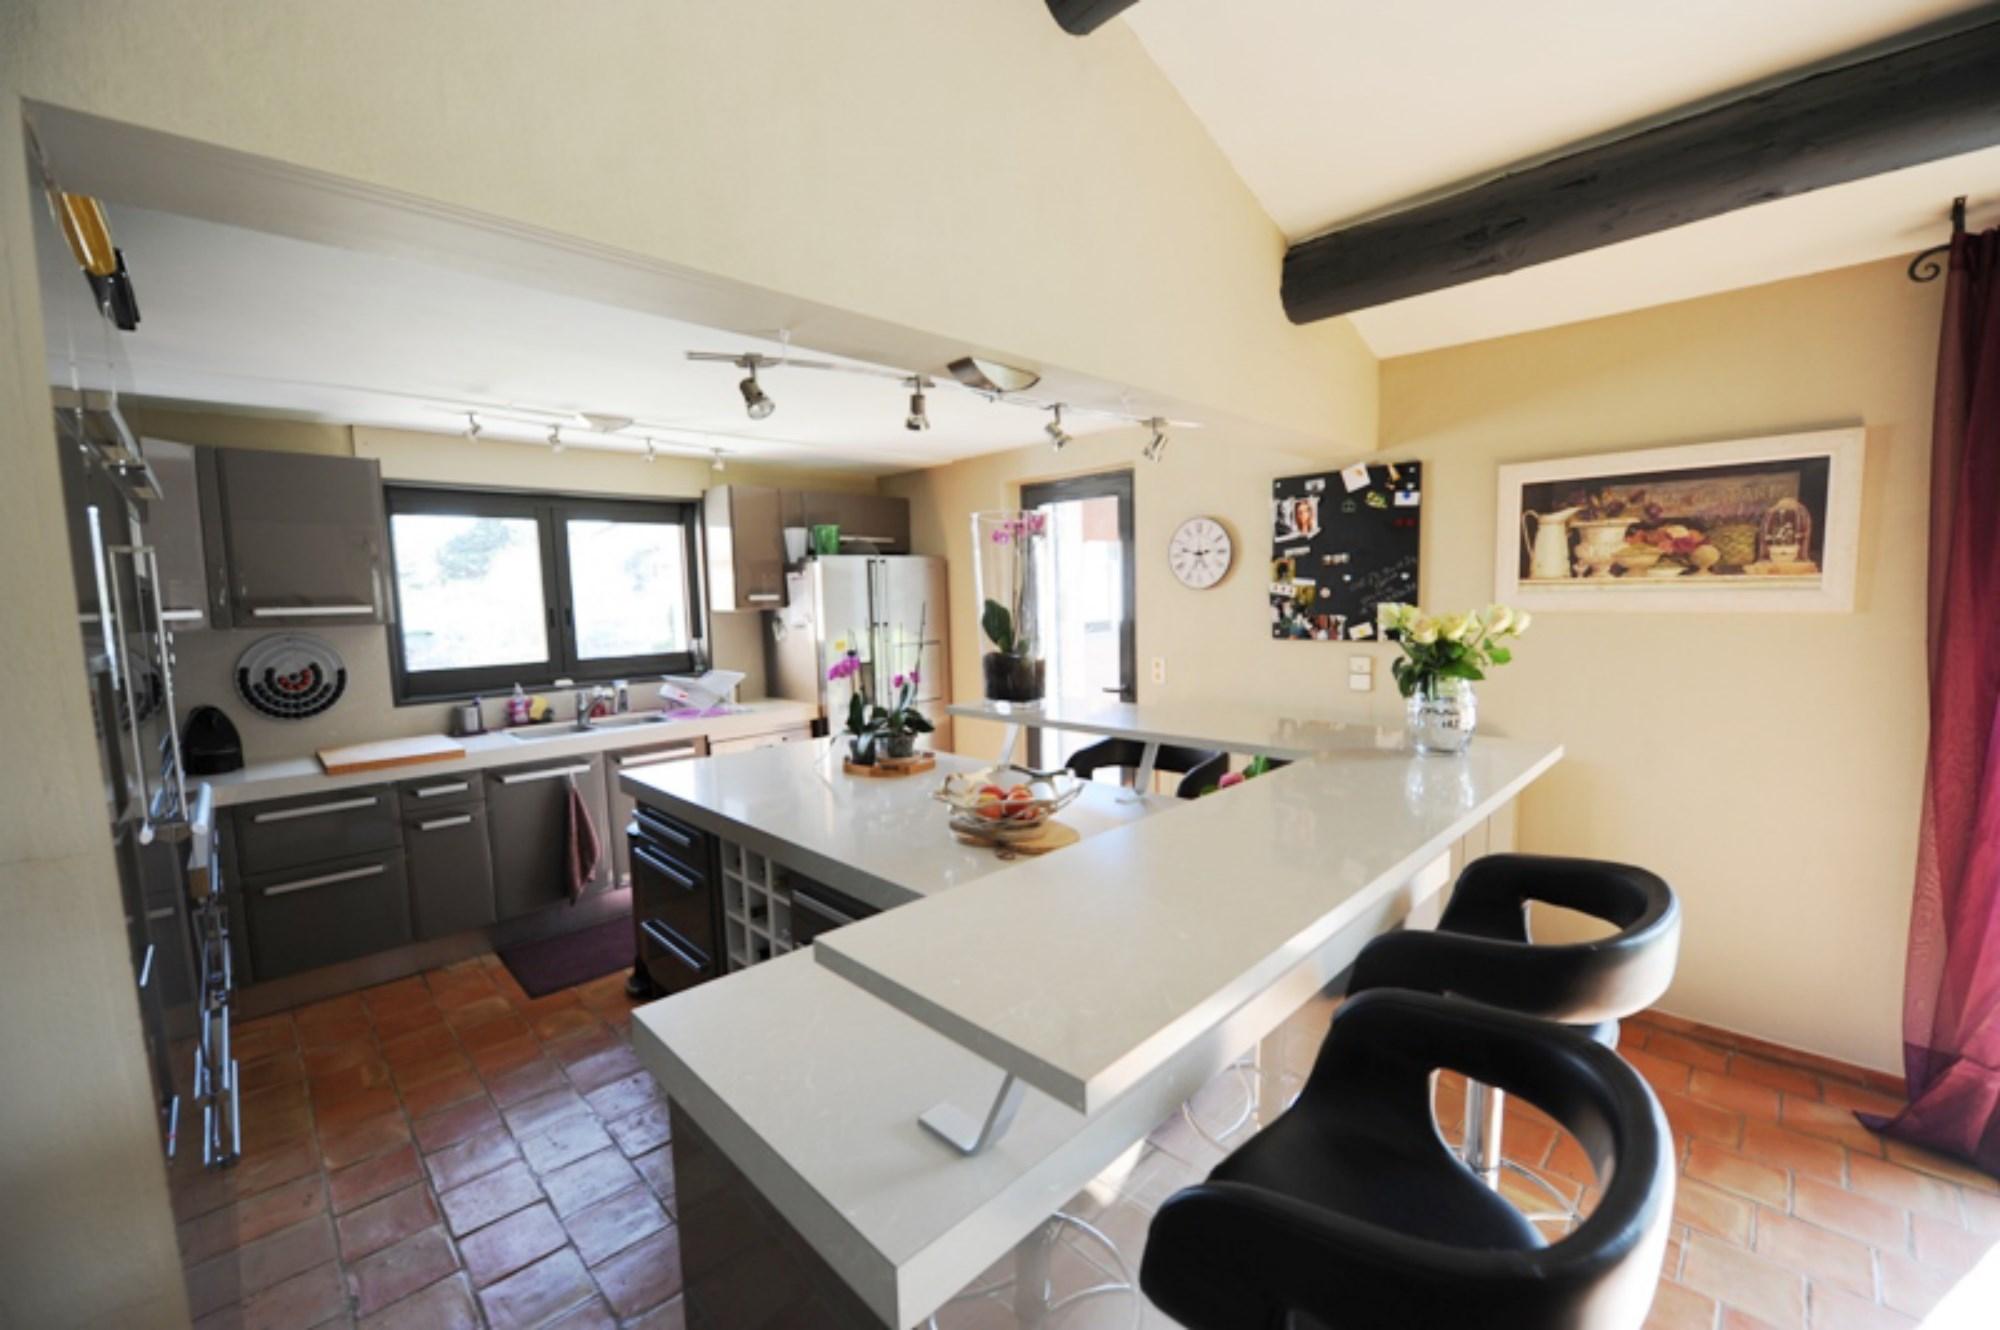 Maison contemporaine à vendre à Ménerbes en Provence